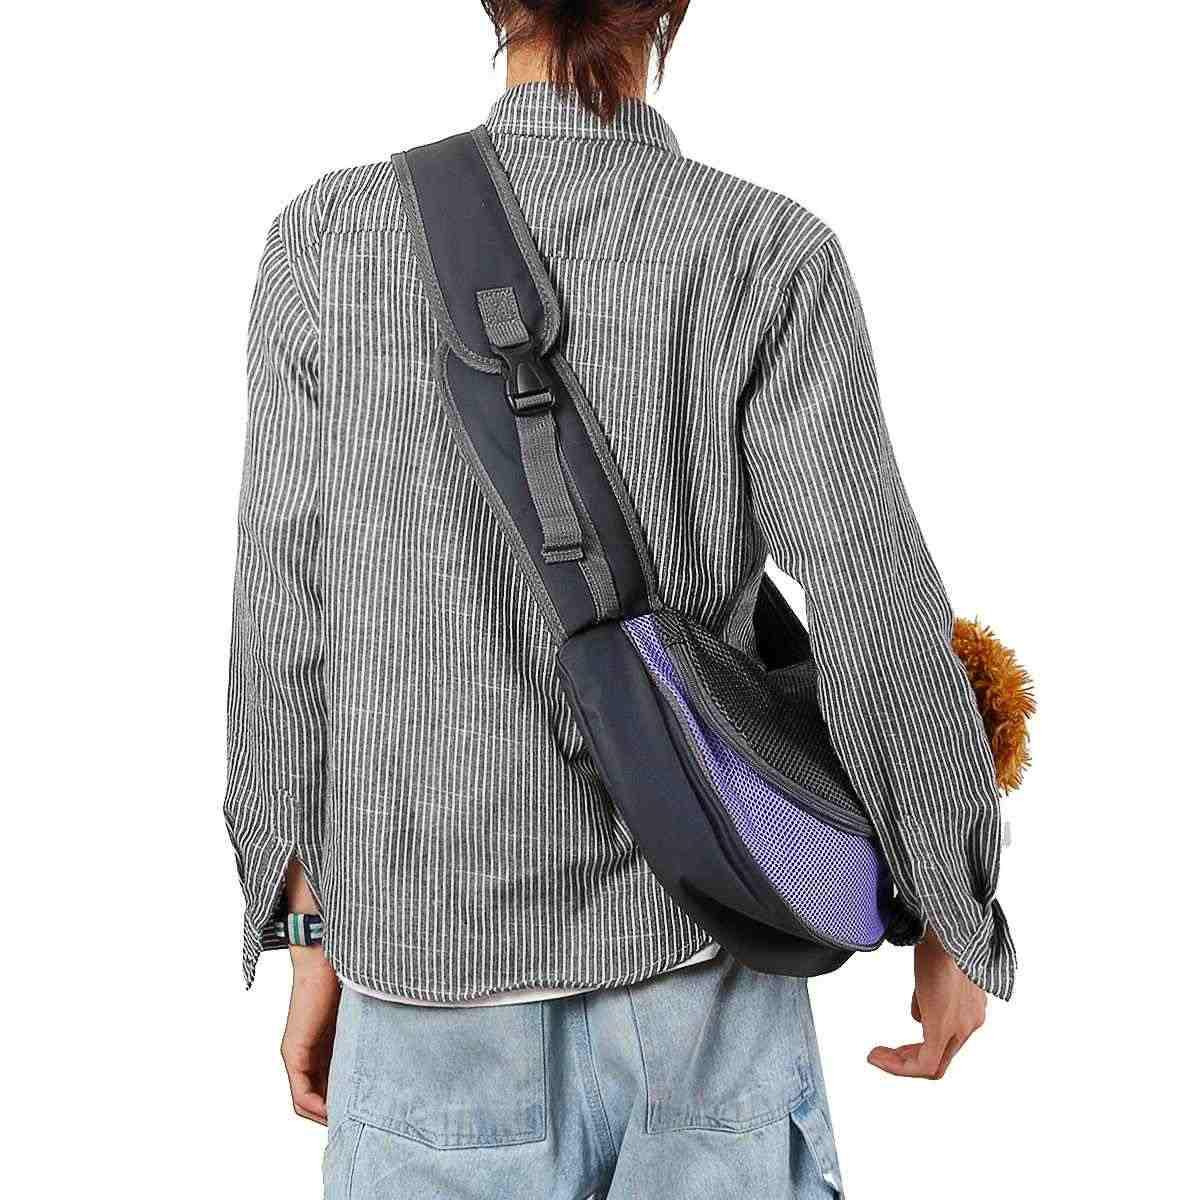 Сумка для домашних животных на открытом воздухе сумка в виде кота собака рюкзак из Портативный складная сумка-переноска сумки дышащий портативный комфорт легкая стирка многофункциональная сумка